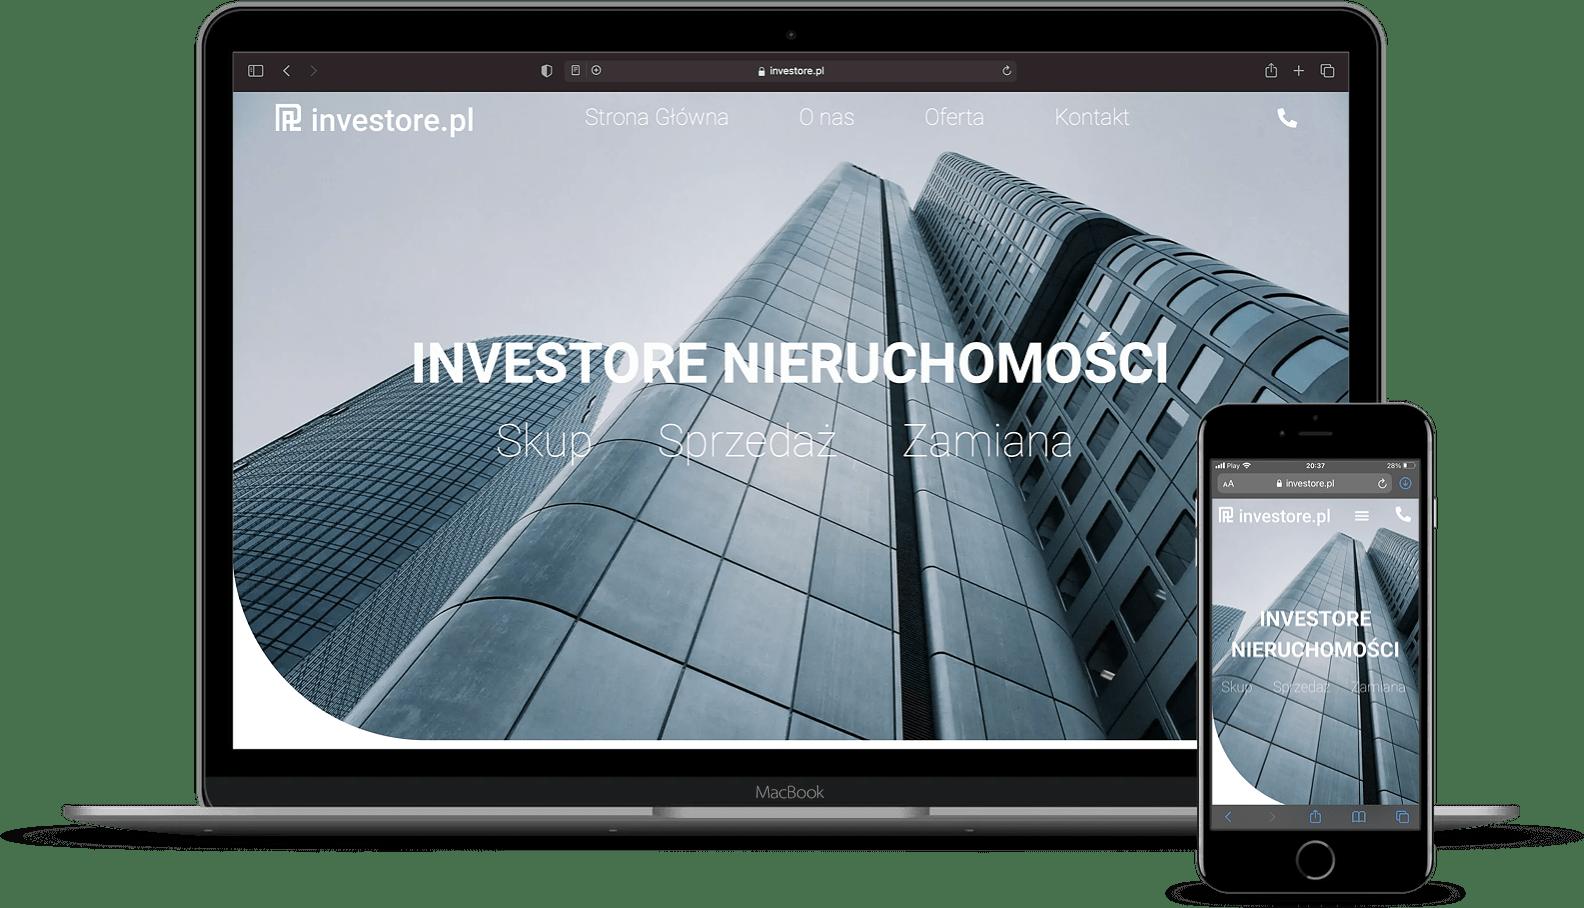 smartmockups_kmnuq9y2-min